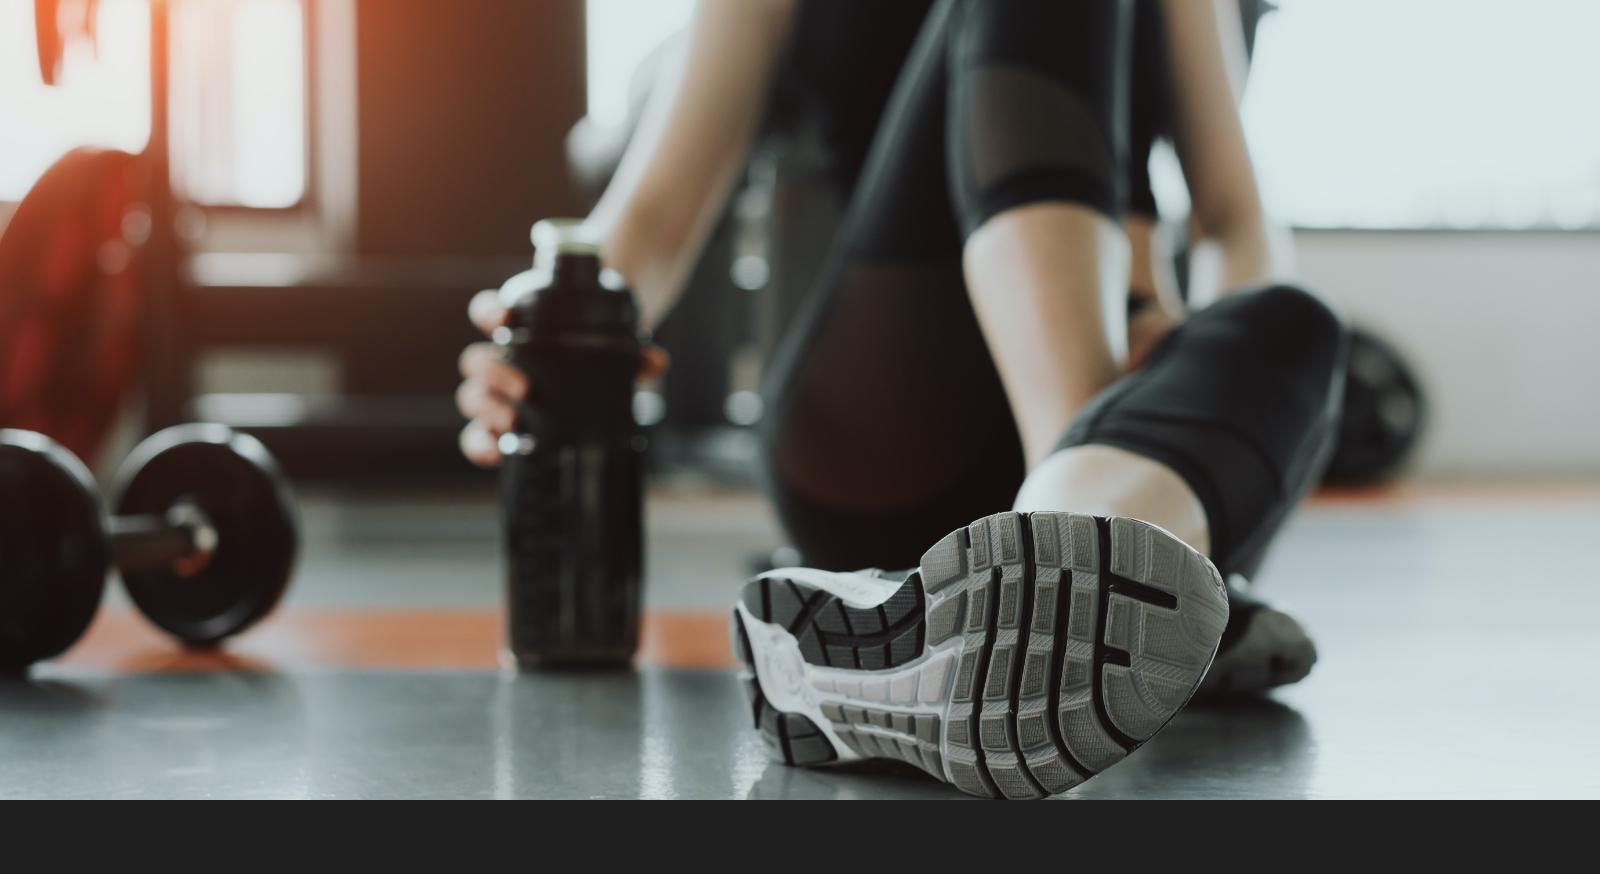 画像:ジムの室内でトレーニングした後、座ってプロテインを飲んでいる様子。